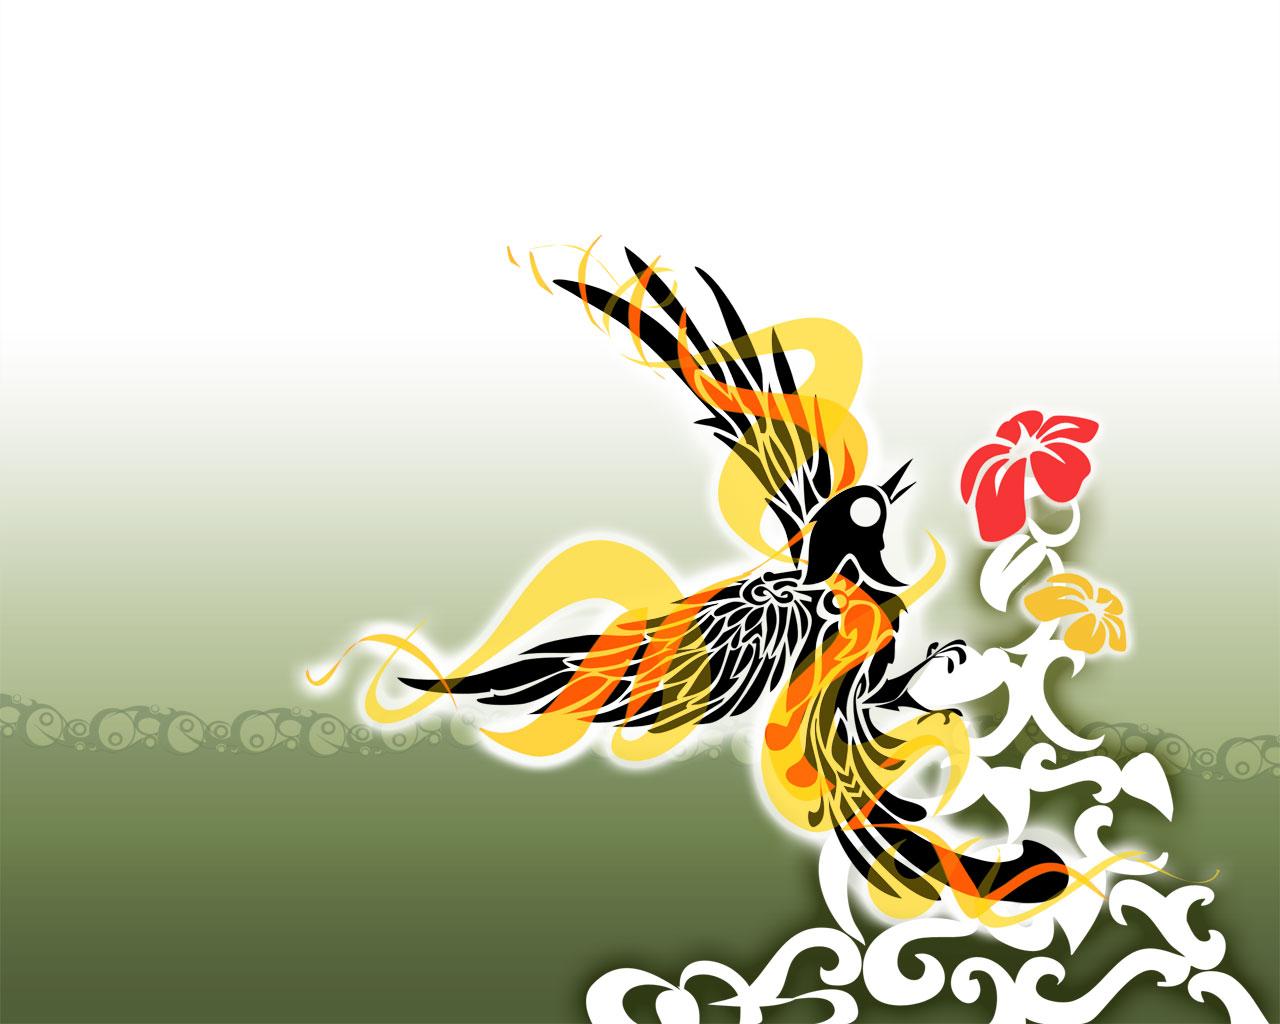 http://2.bp.blogspot.com/-yC9ul_dTd5A/TpsRKTZ9_kI/AAAAAAAAAOY/bHrsgS5AmLw/s1600/Vector%20Design%20Wallpaper6.jpg